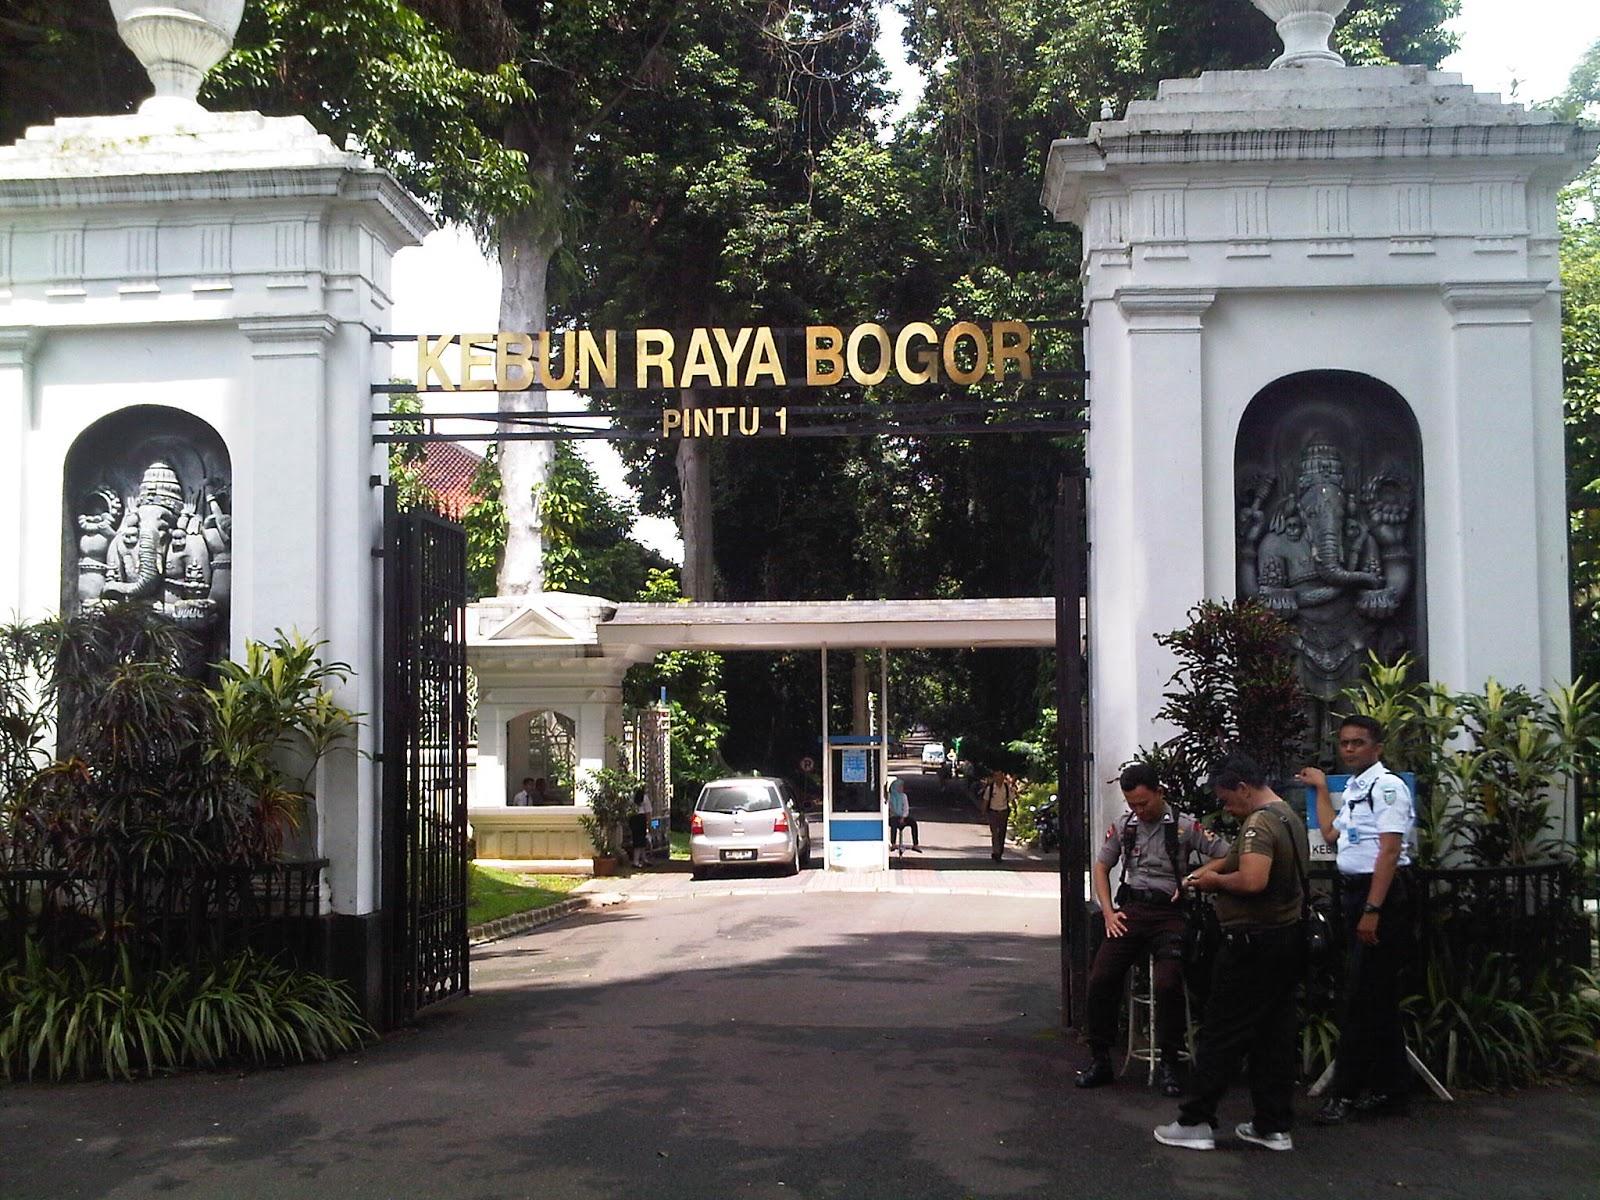 Inilah 7 Tempat Wisata Terbaik di Kota Bogor